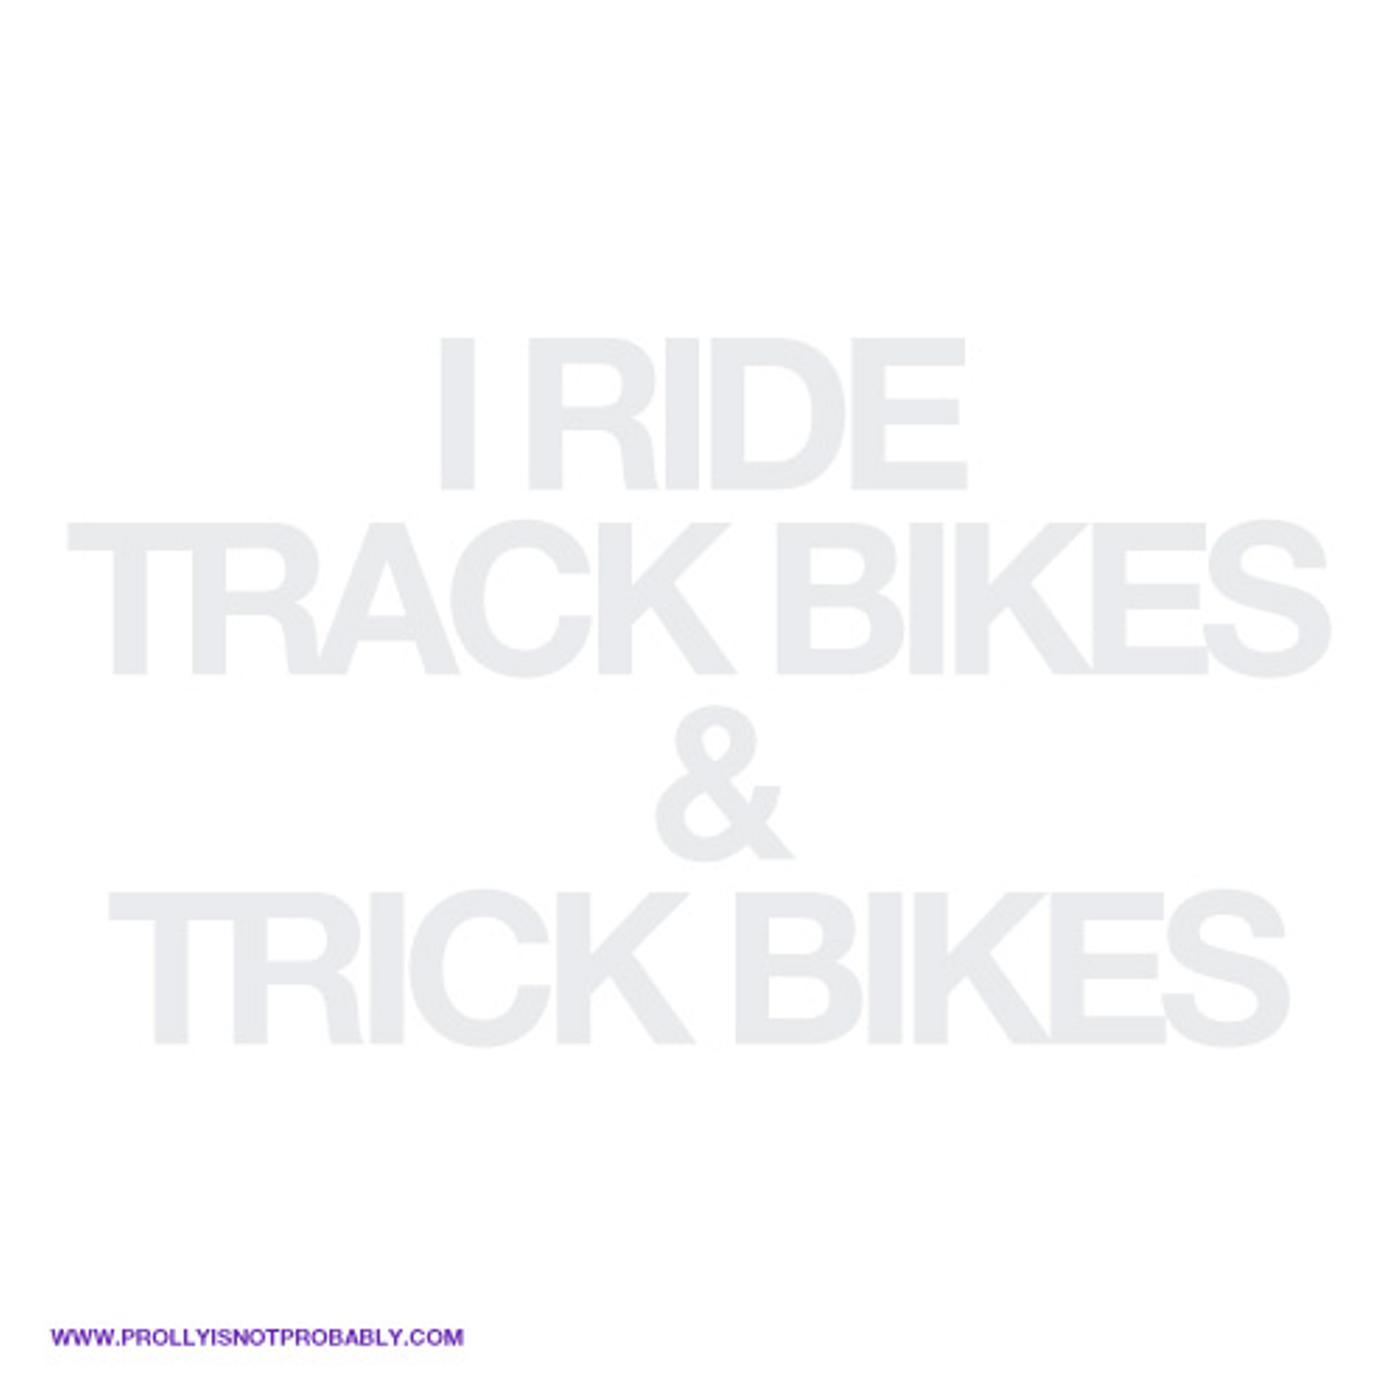 TRACKTRICK-pinp.jpg